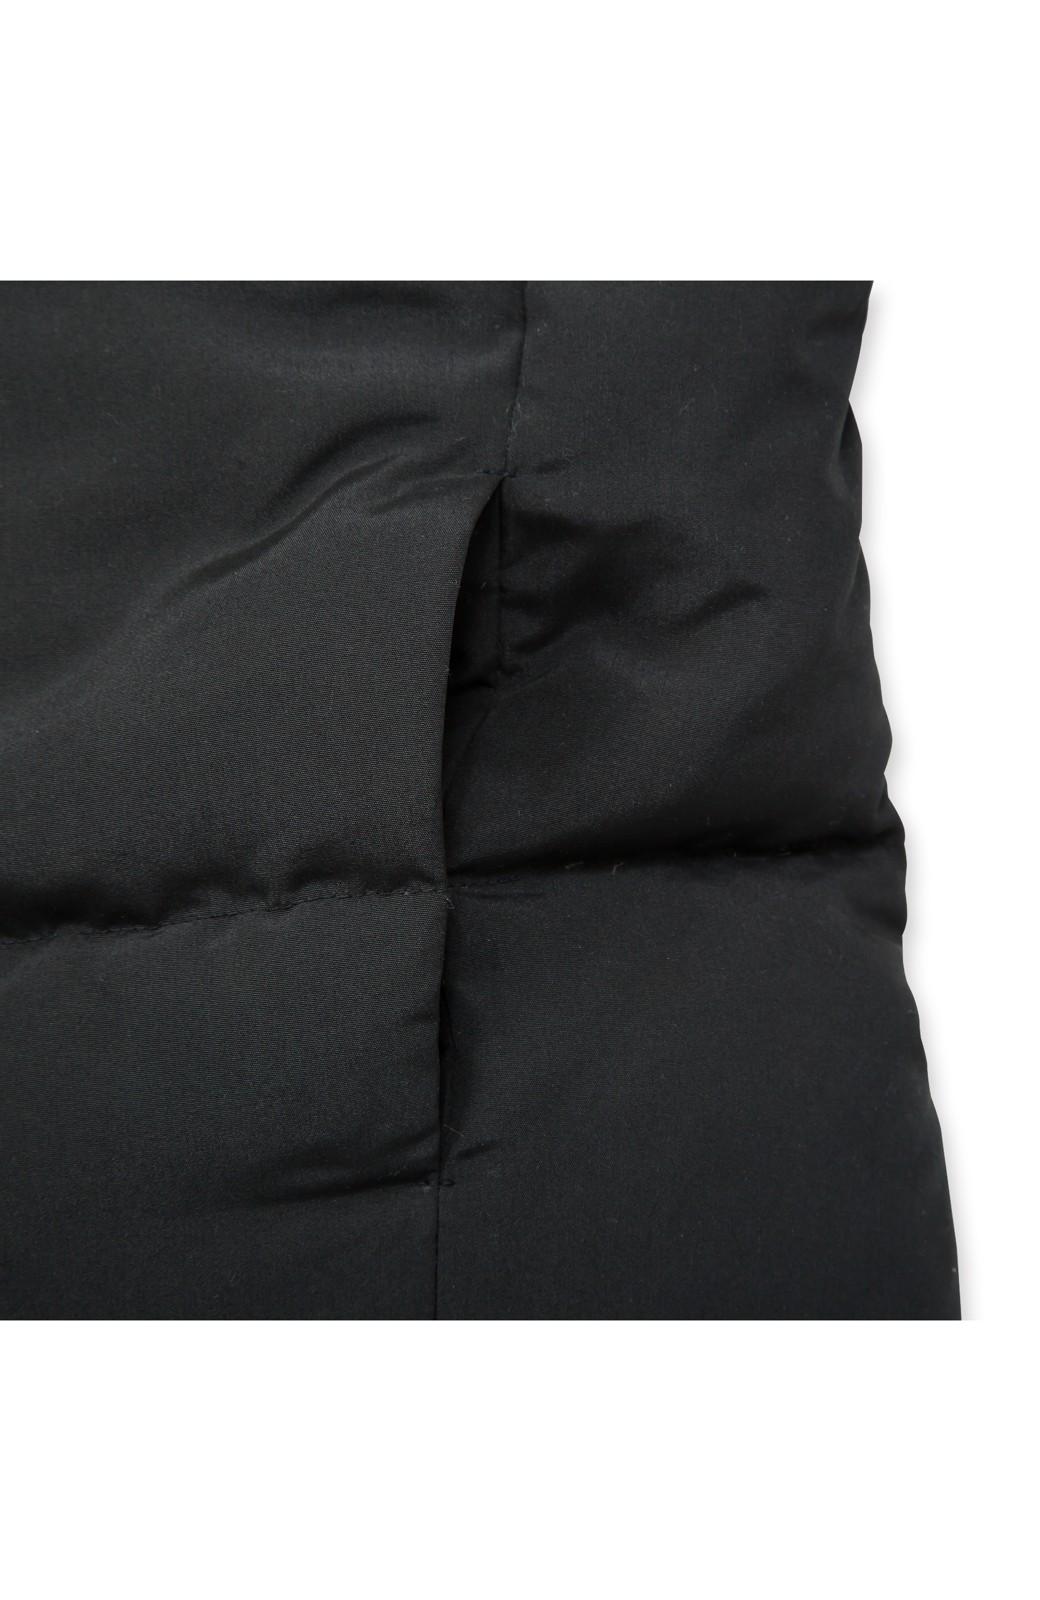 SHE THROUGH SEA #セパレートロングダウンコート <ブラック×ブラック>の商品写真7